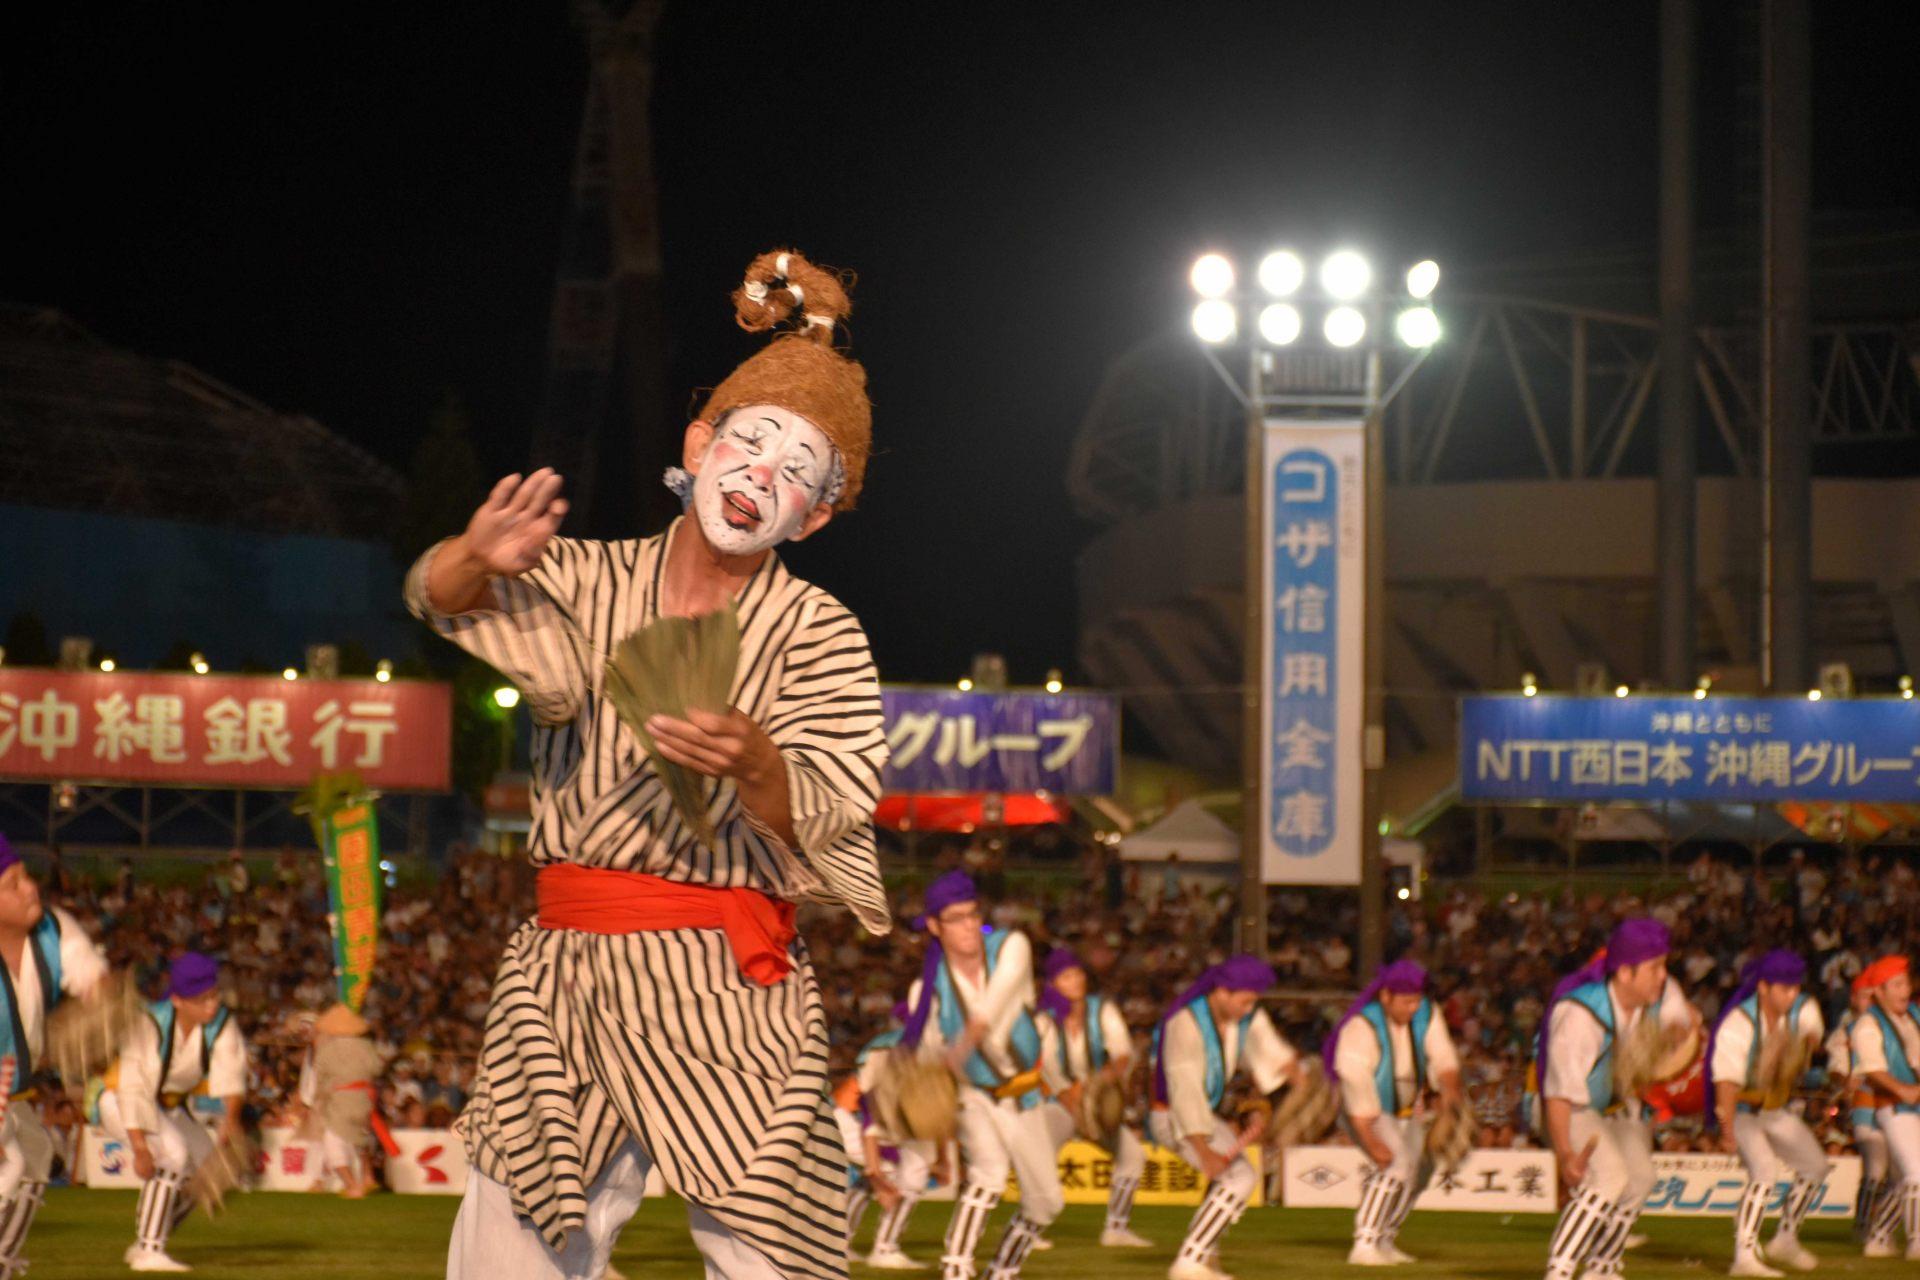 京太郎(chondara)